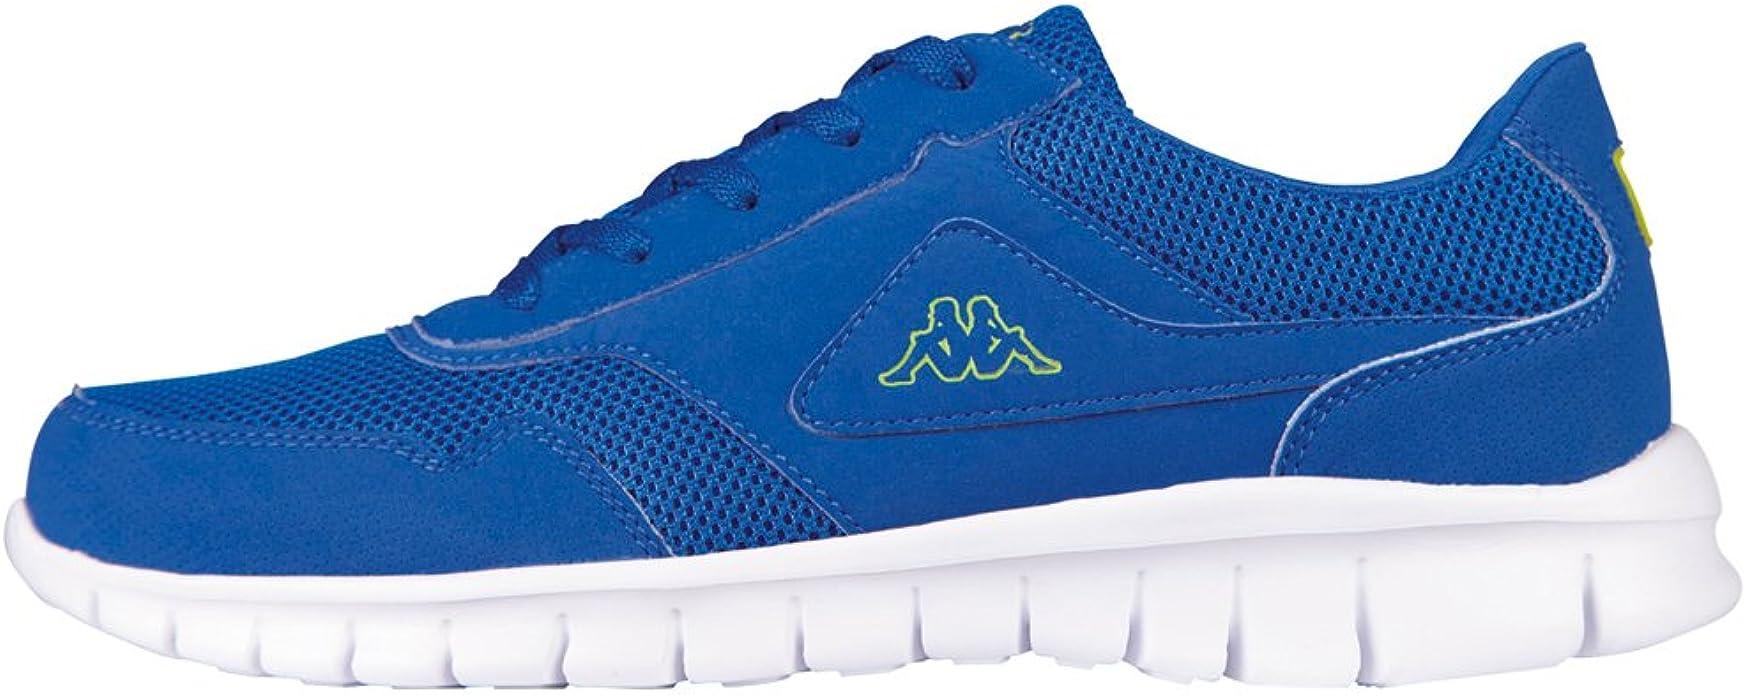 Kappa 242068 - Tobillo bajo de Sintético Unisex Adultos, Color Azul, Talla 46 EU: Amazon.es: Zapatos y complementos